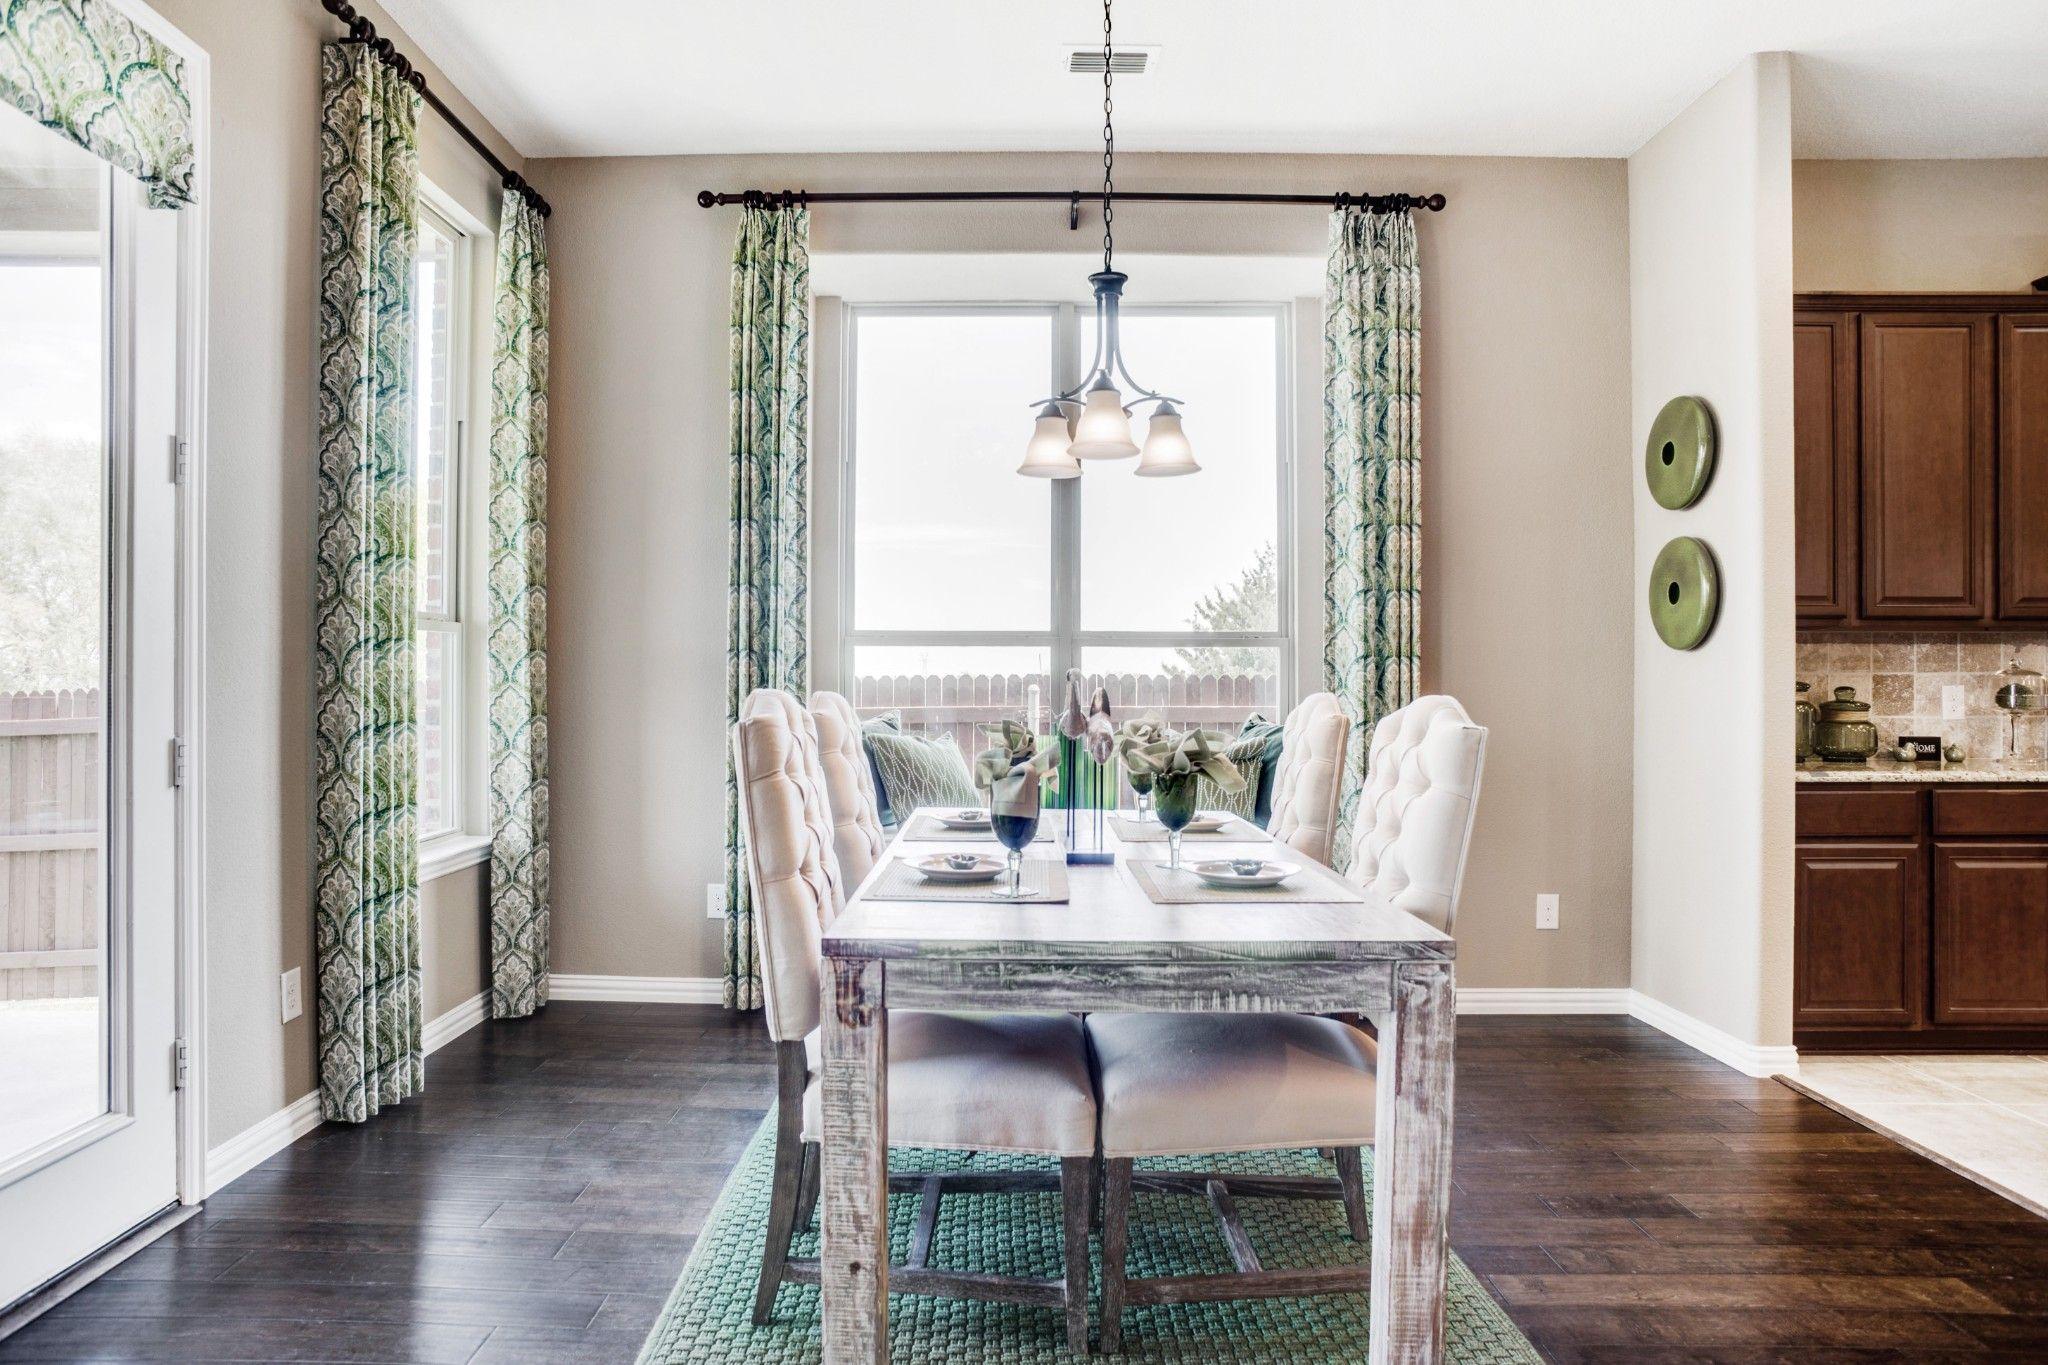 'Bozman Farms 65s' by HistoryMaker Homes in Dallas